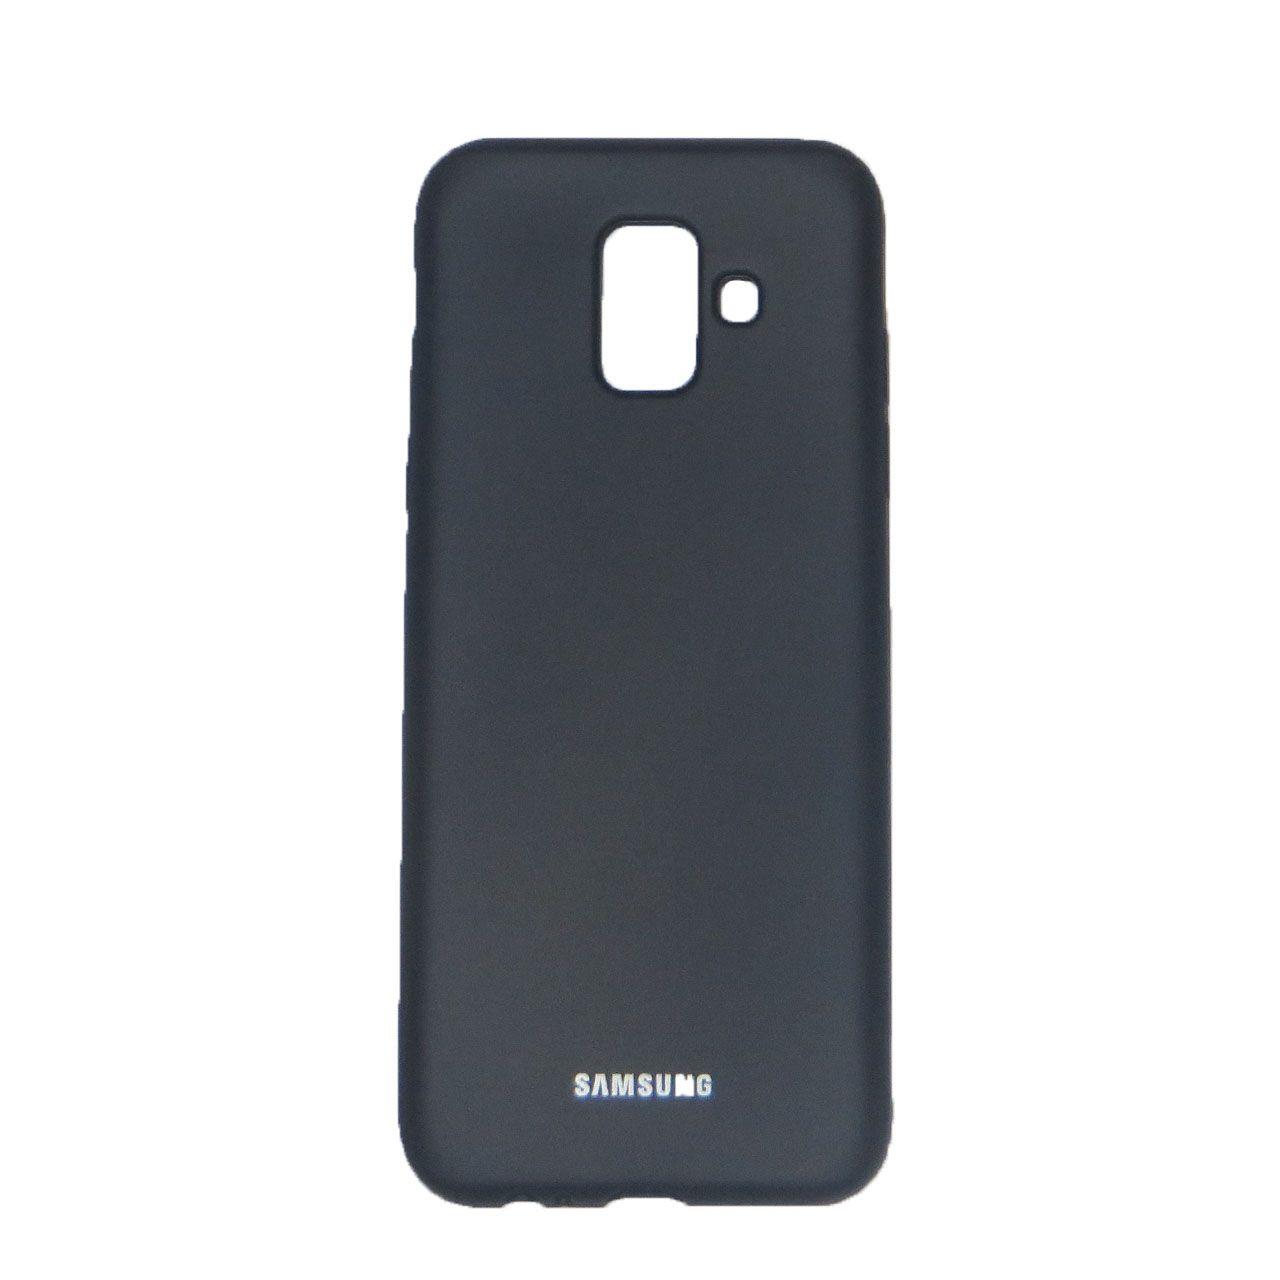 کاور ژله ای G.case مناسب برای گوشی موبایل سامسونگ گلکسی A6